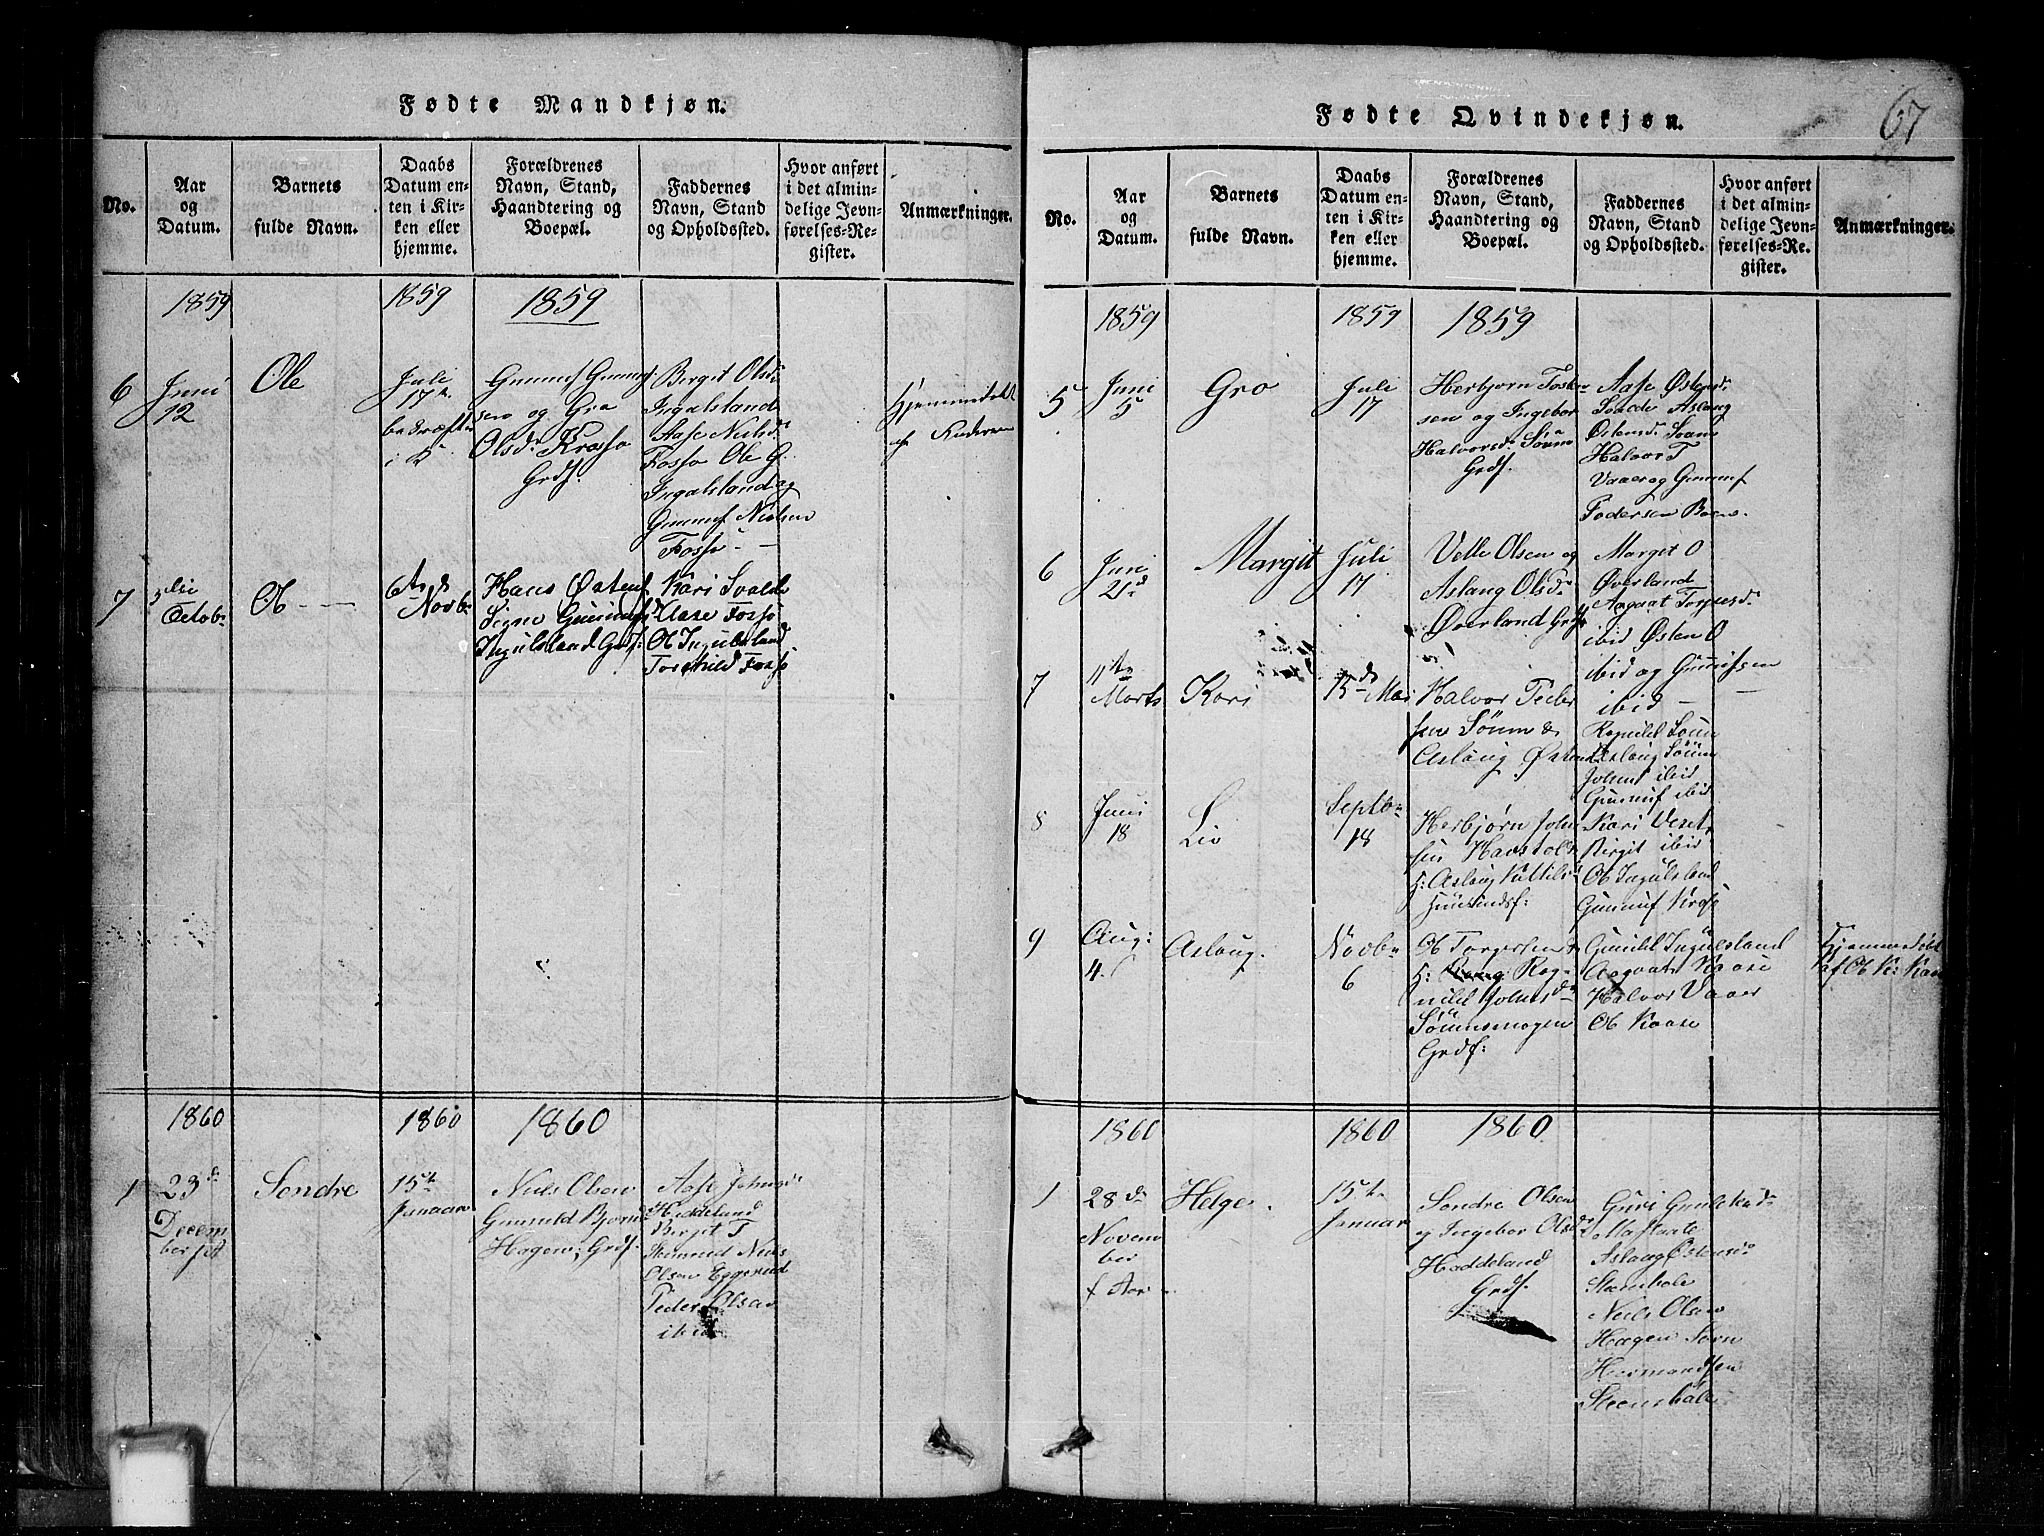 SAKO, Tinn kirkebøker, G/Gc/L0001: Klokkerbok nr. III 1, 1815-1879, s. 67